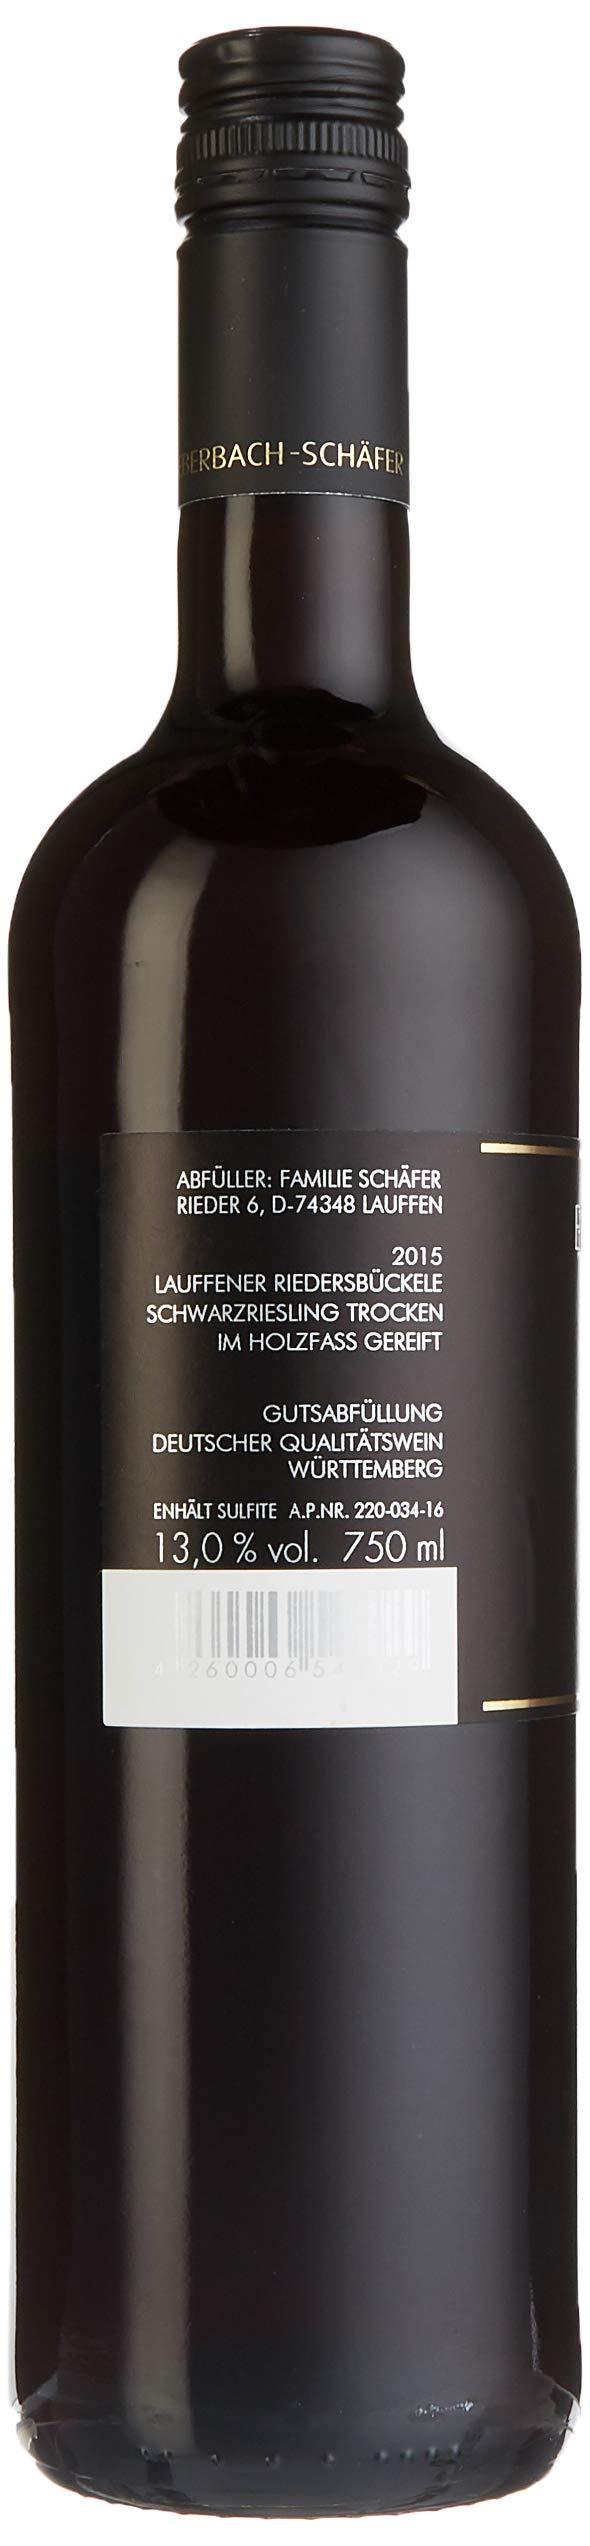 Schwarzriesling-Wrttemberg-Lauffener-Riedersbckele-Qualittswein-b-A-2011-trocken-3-x-075-l